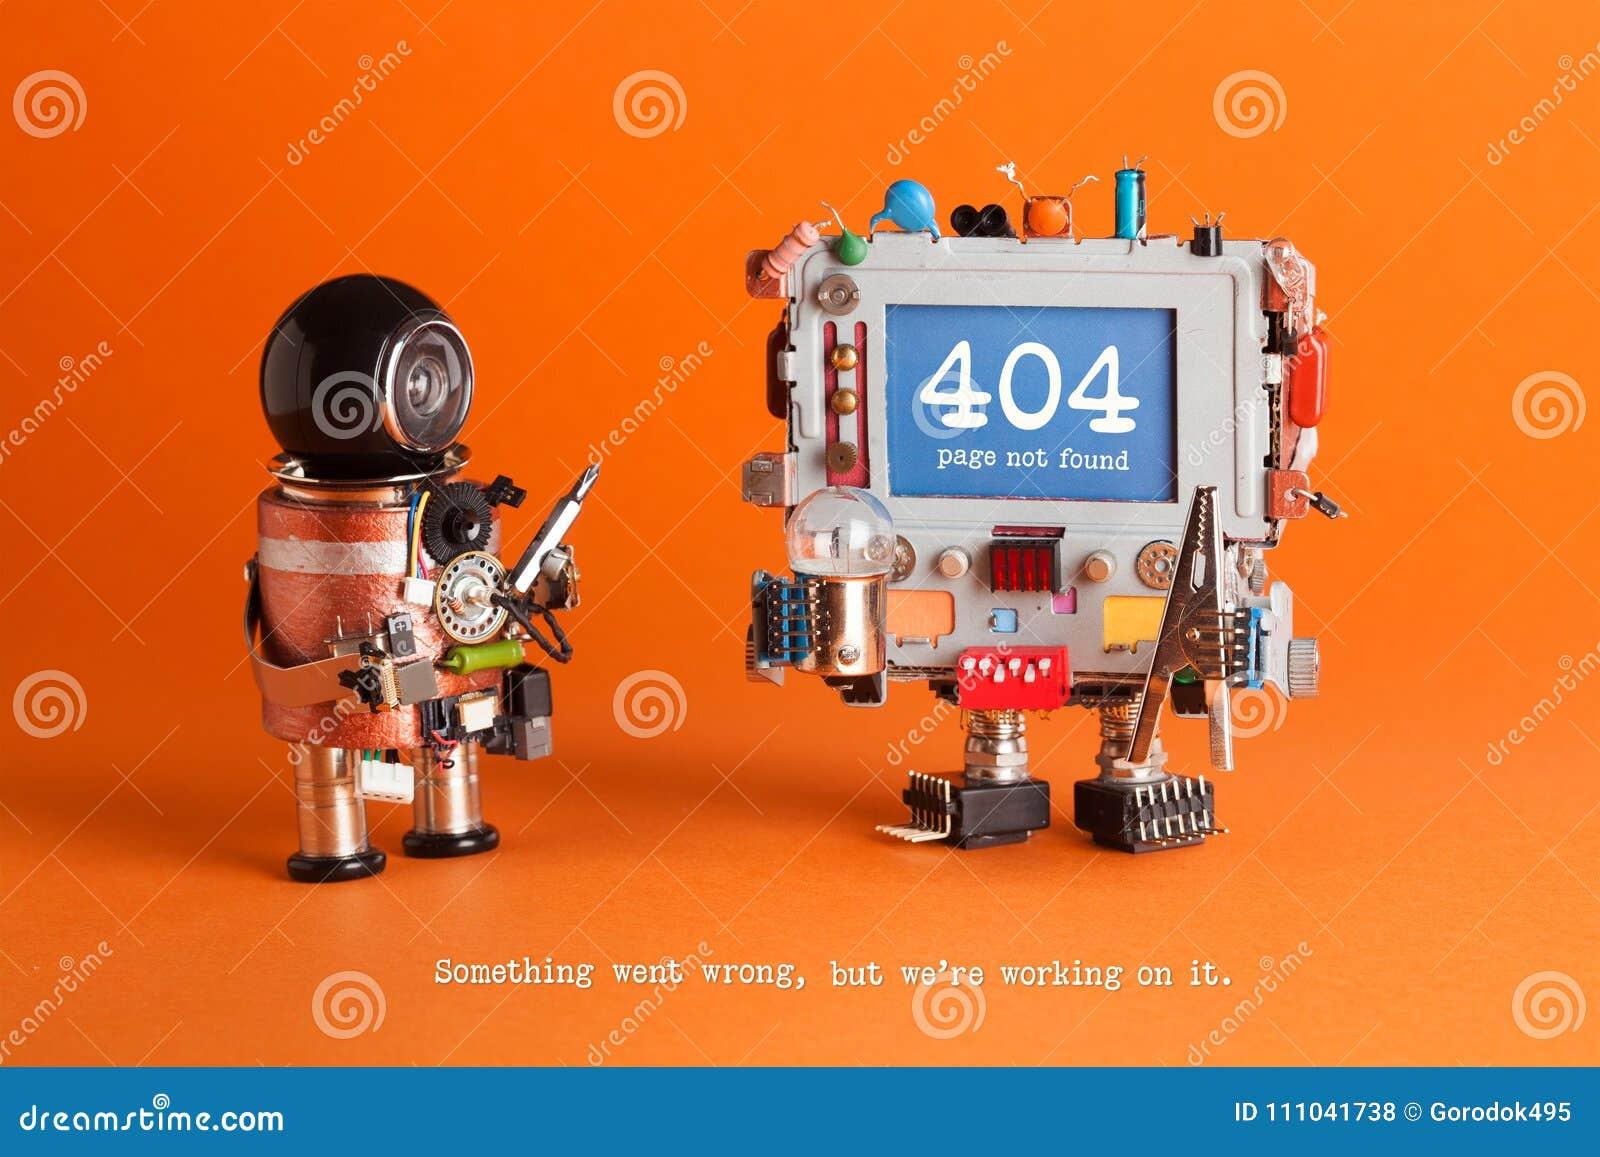 Inte-funnen sida för 404 fel Militärrobot med skruvmejseln, robotic datorvarningsmeddelande på den blåa skärmen Apelsin